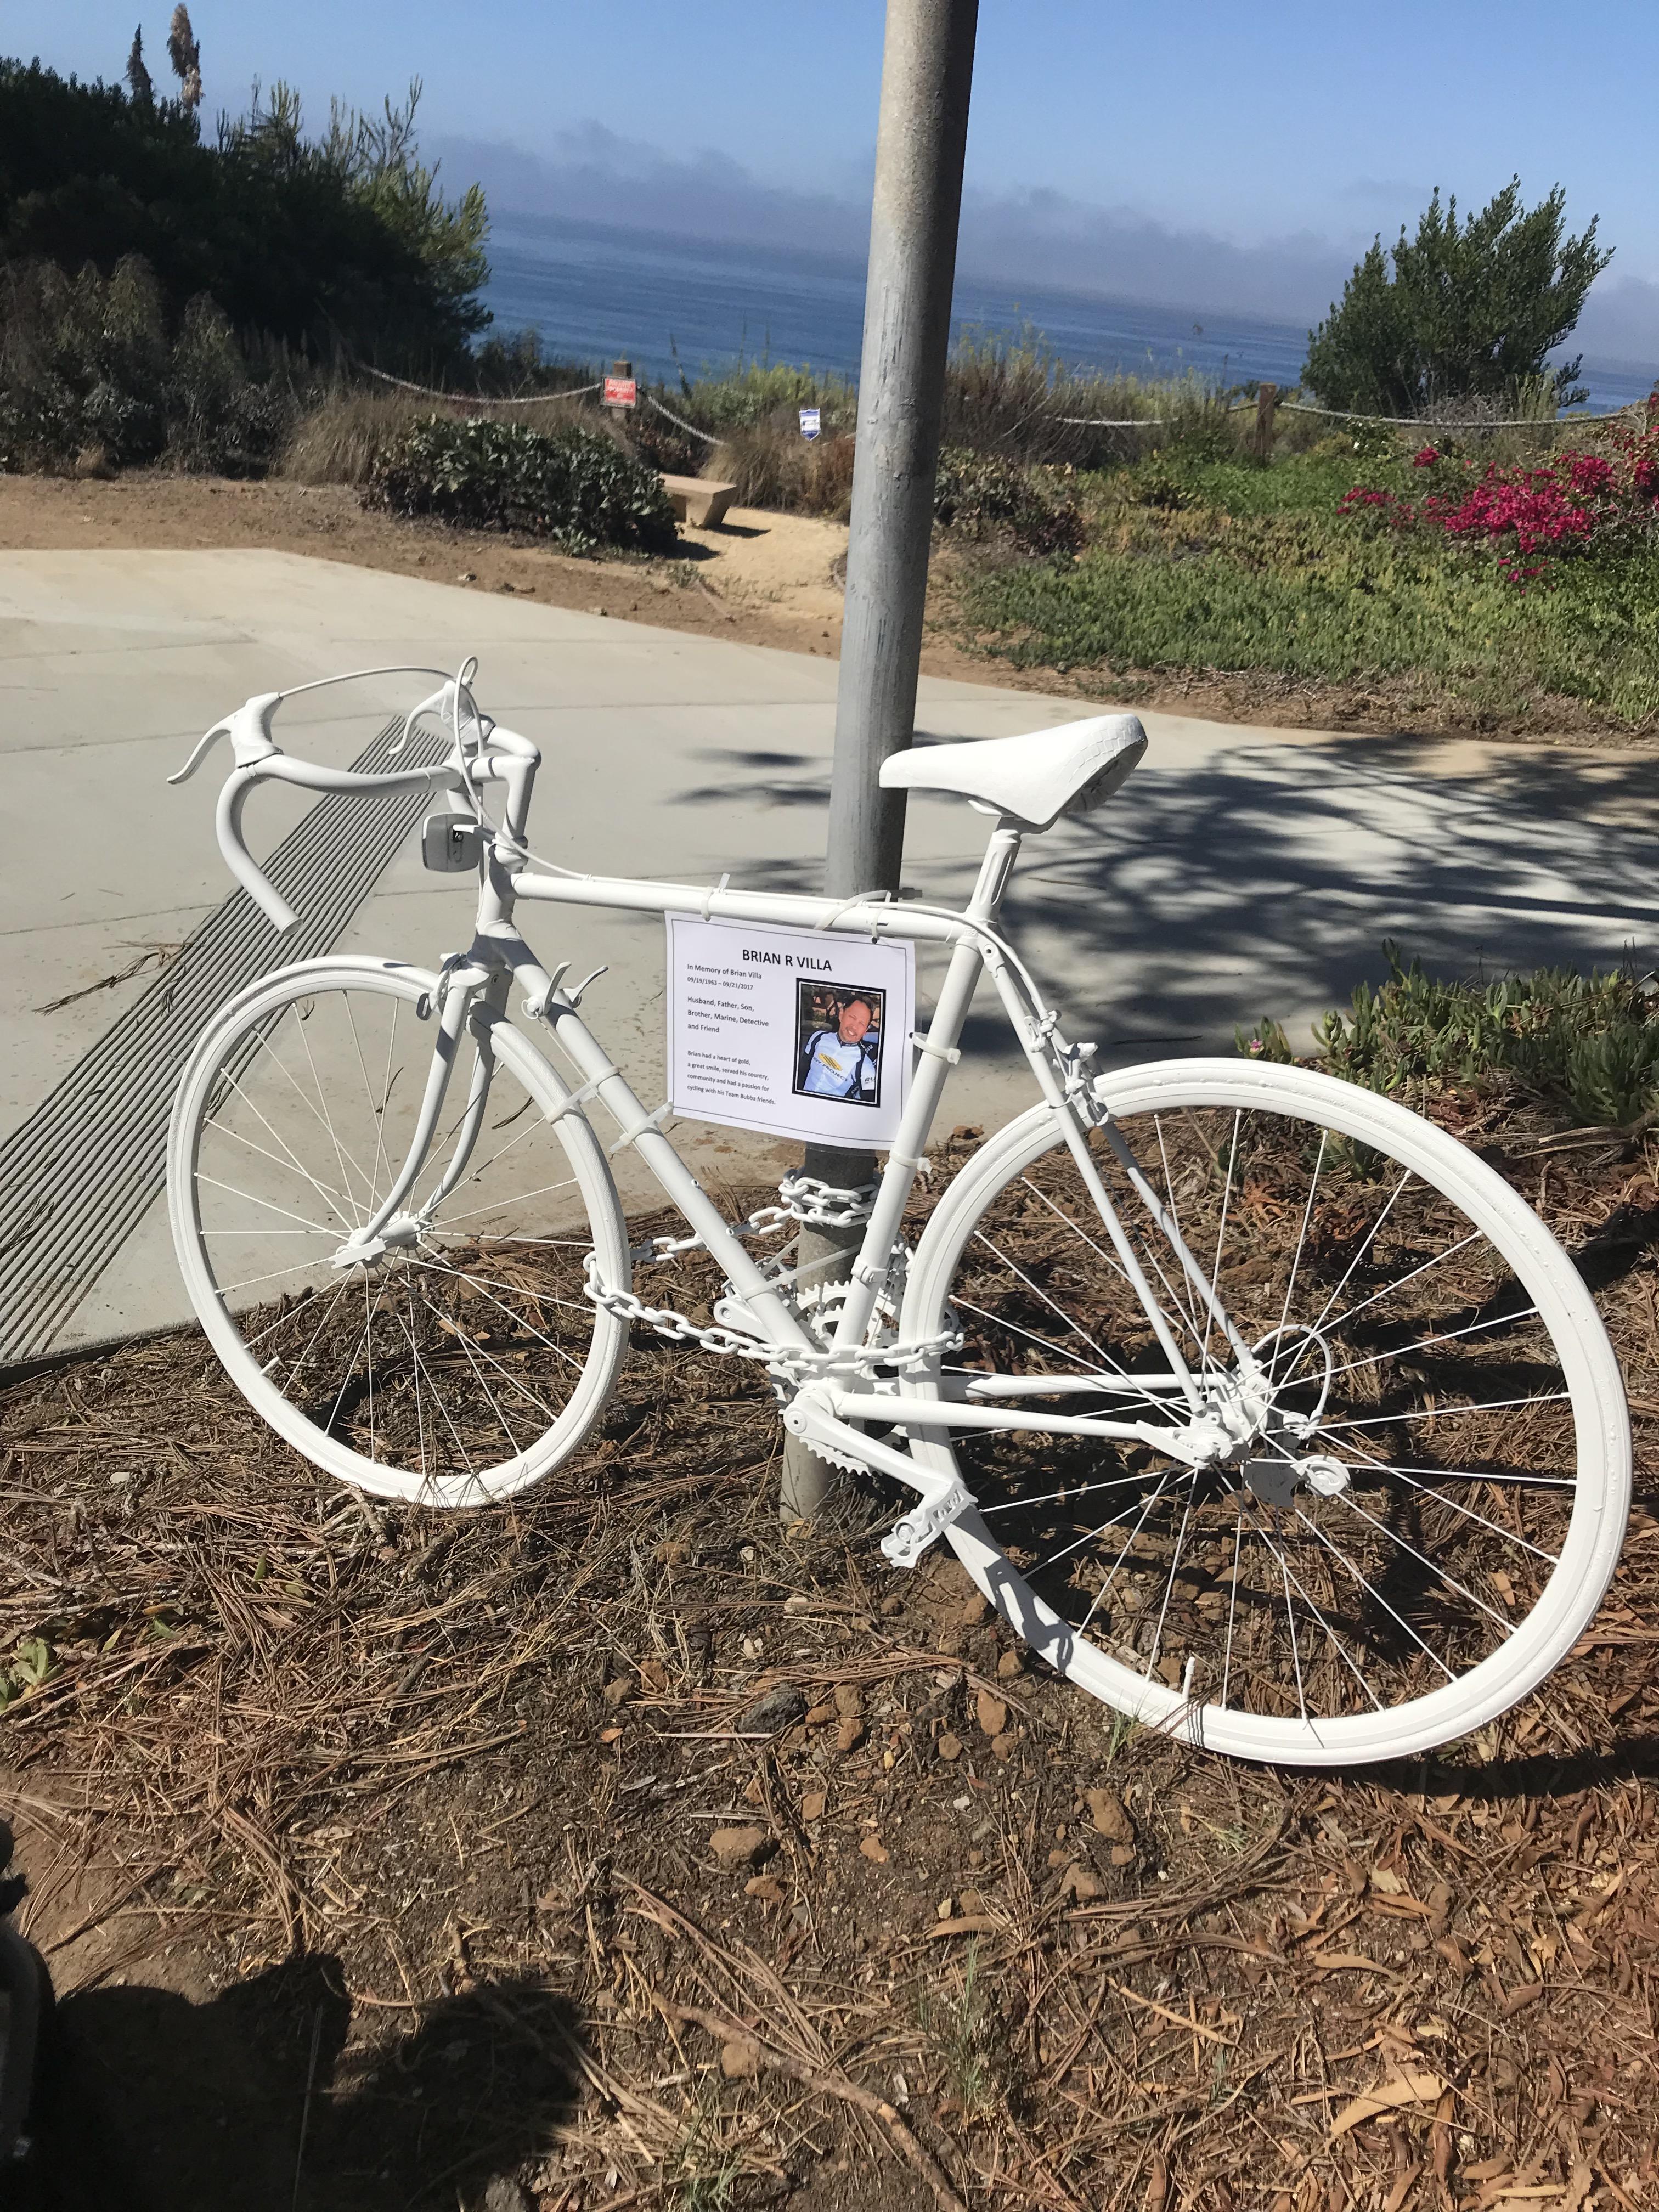 White Bike Memorial in Del Mar for LA Detective Brian R Villa